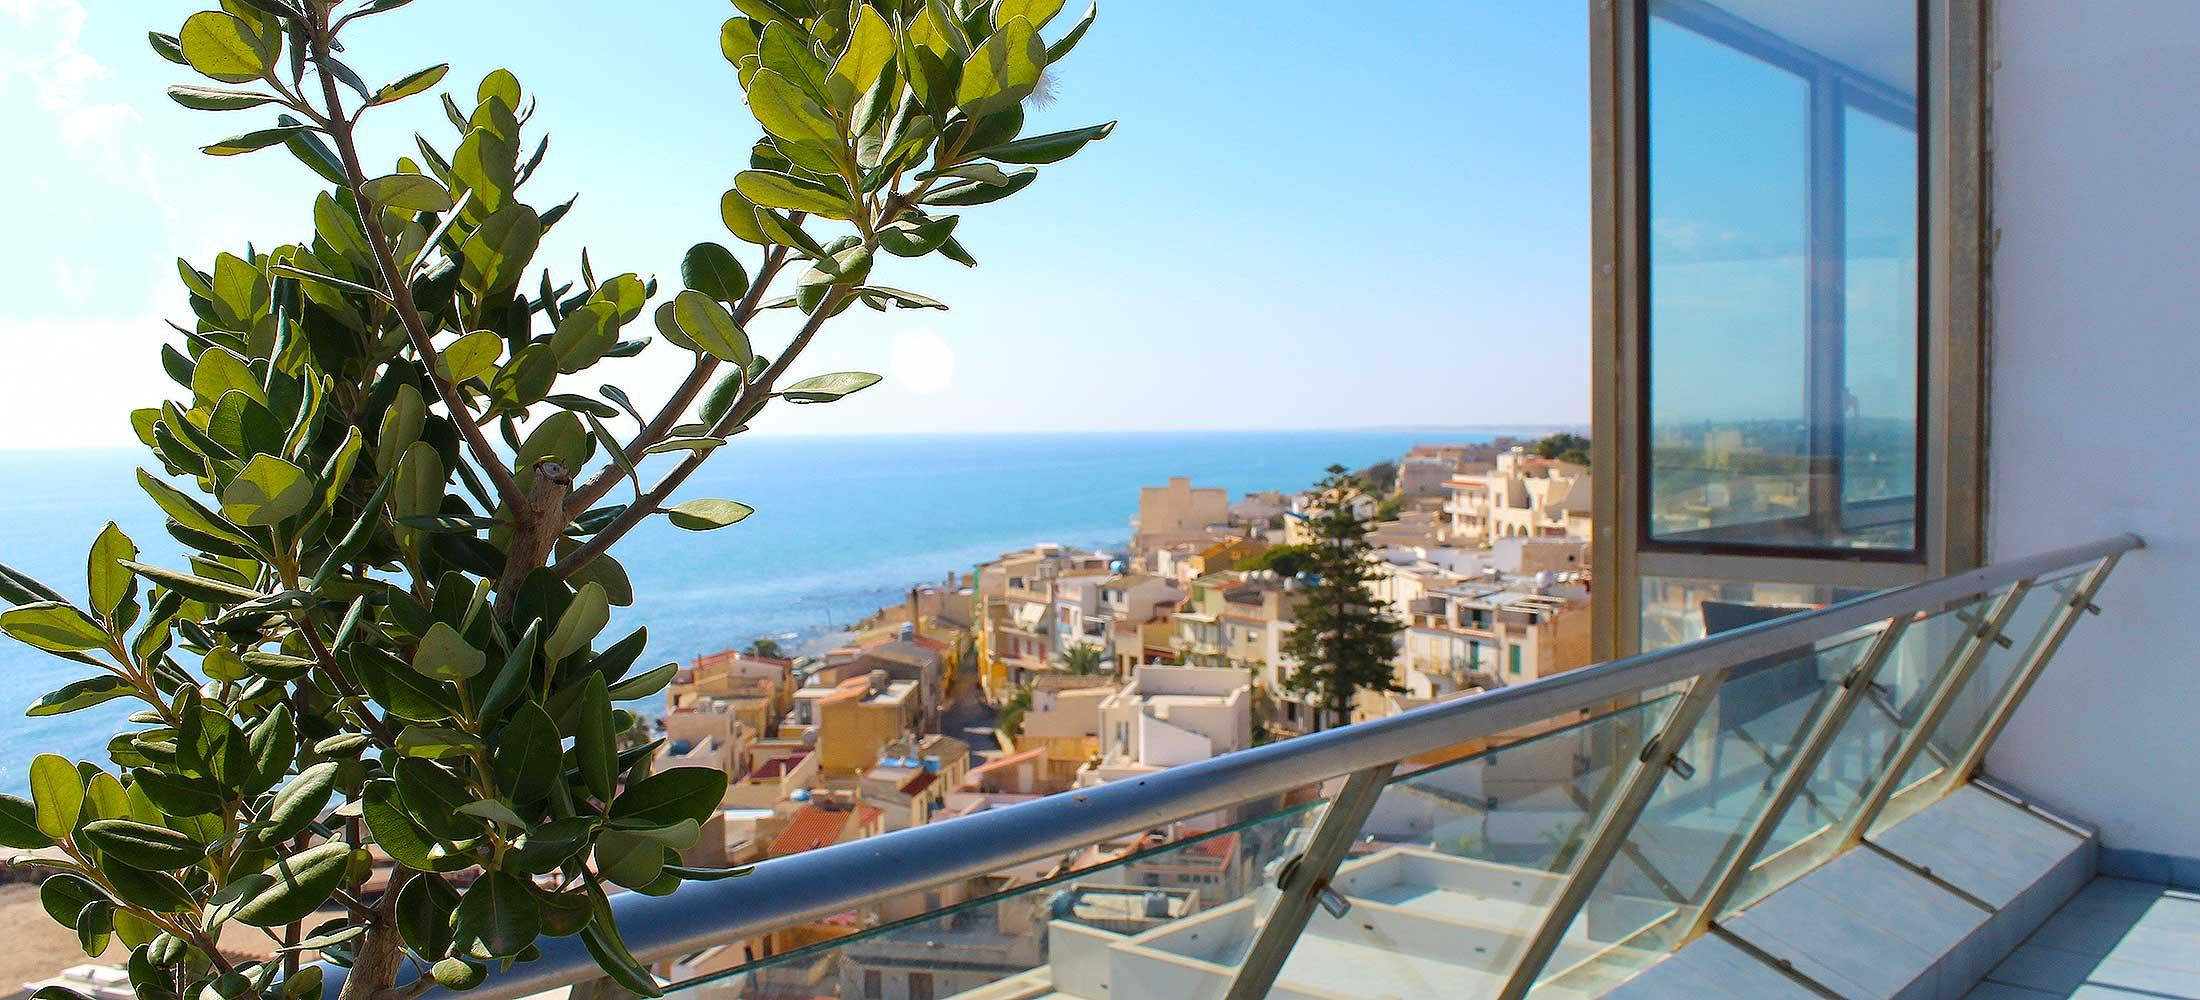 Hotel 4 stelle sul Mediterraneo per vacanze estive al mare in ...